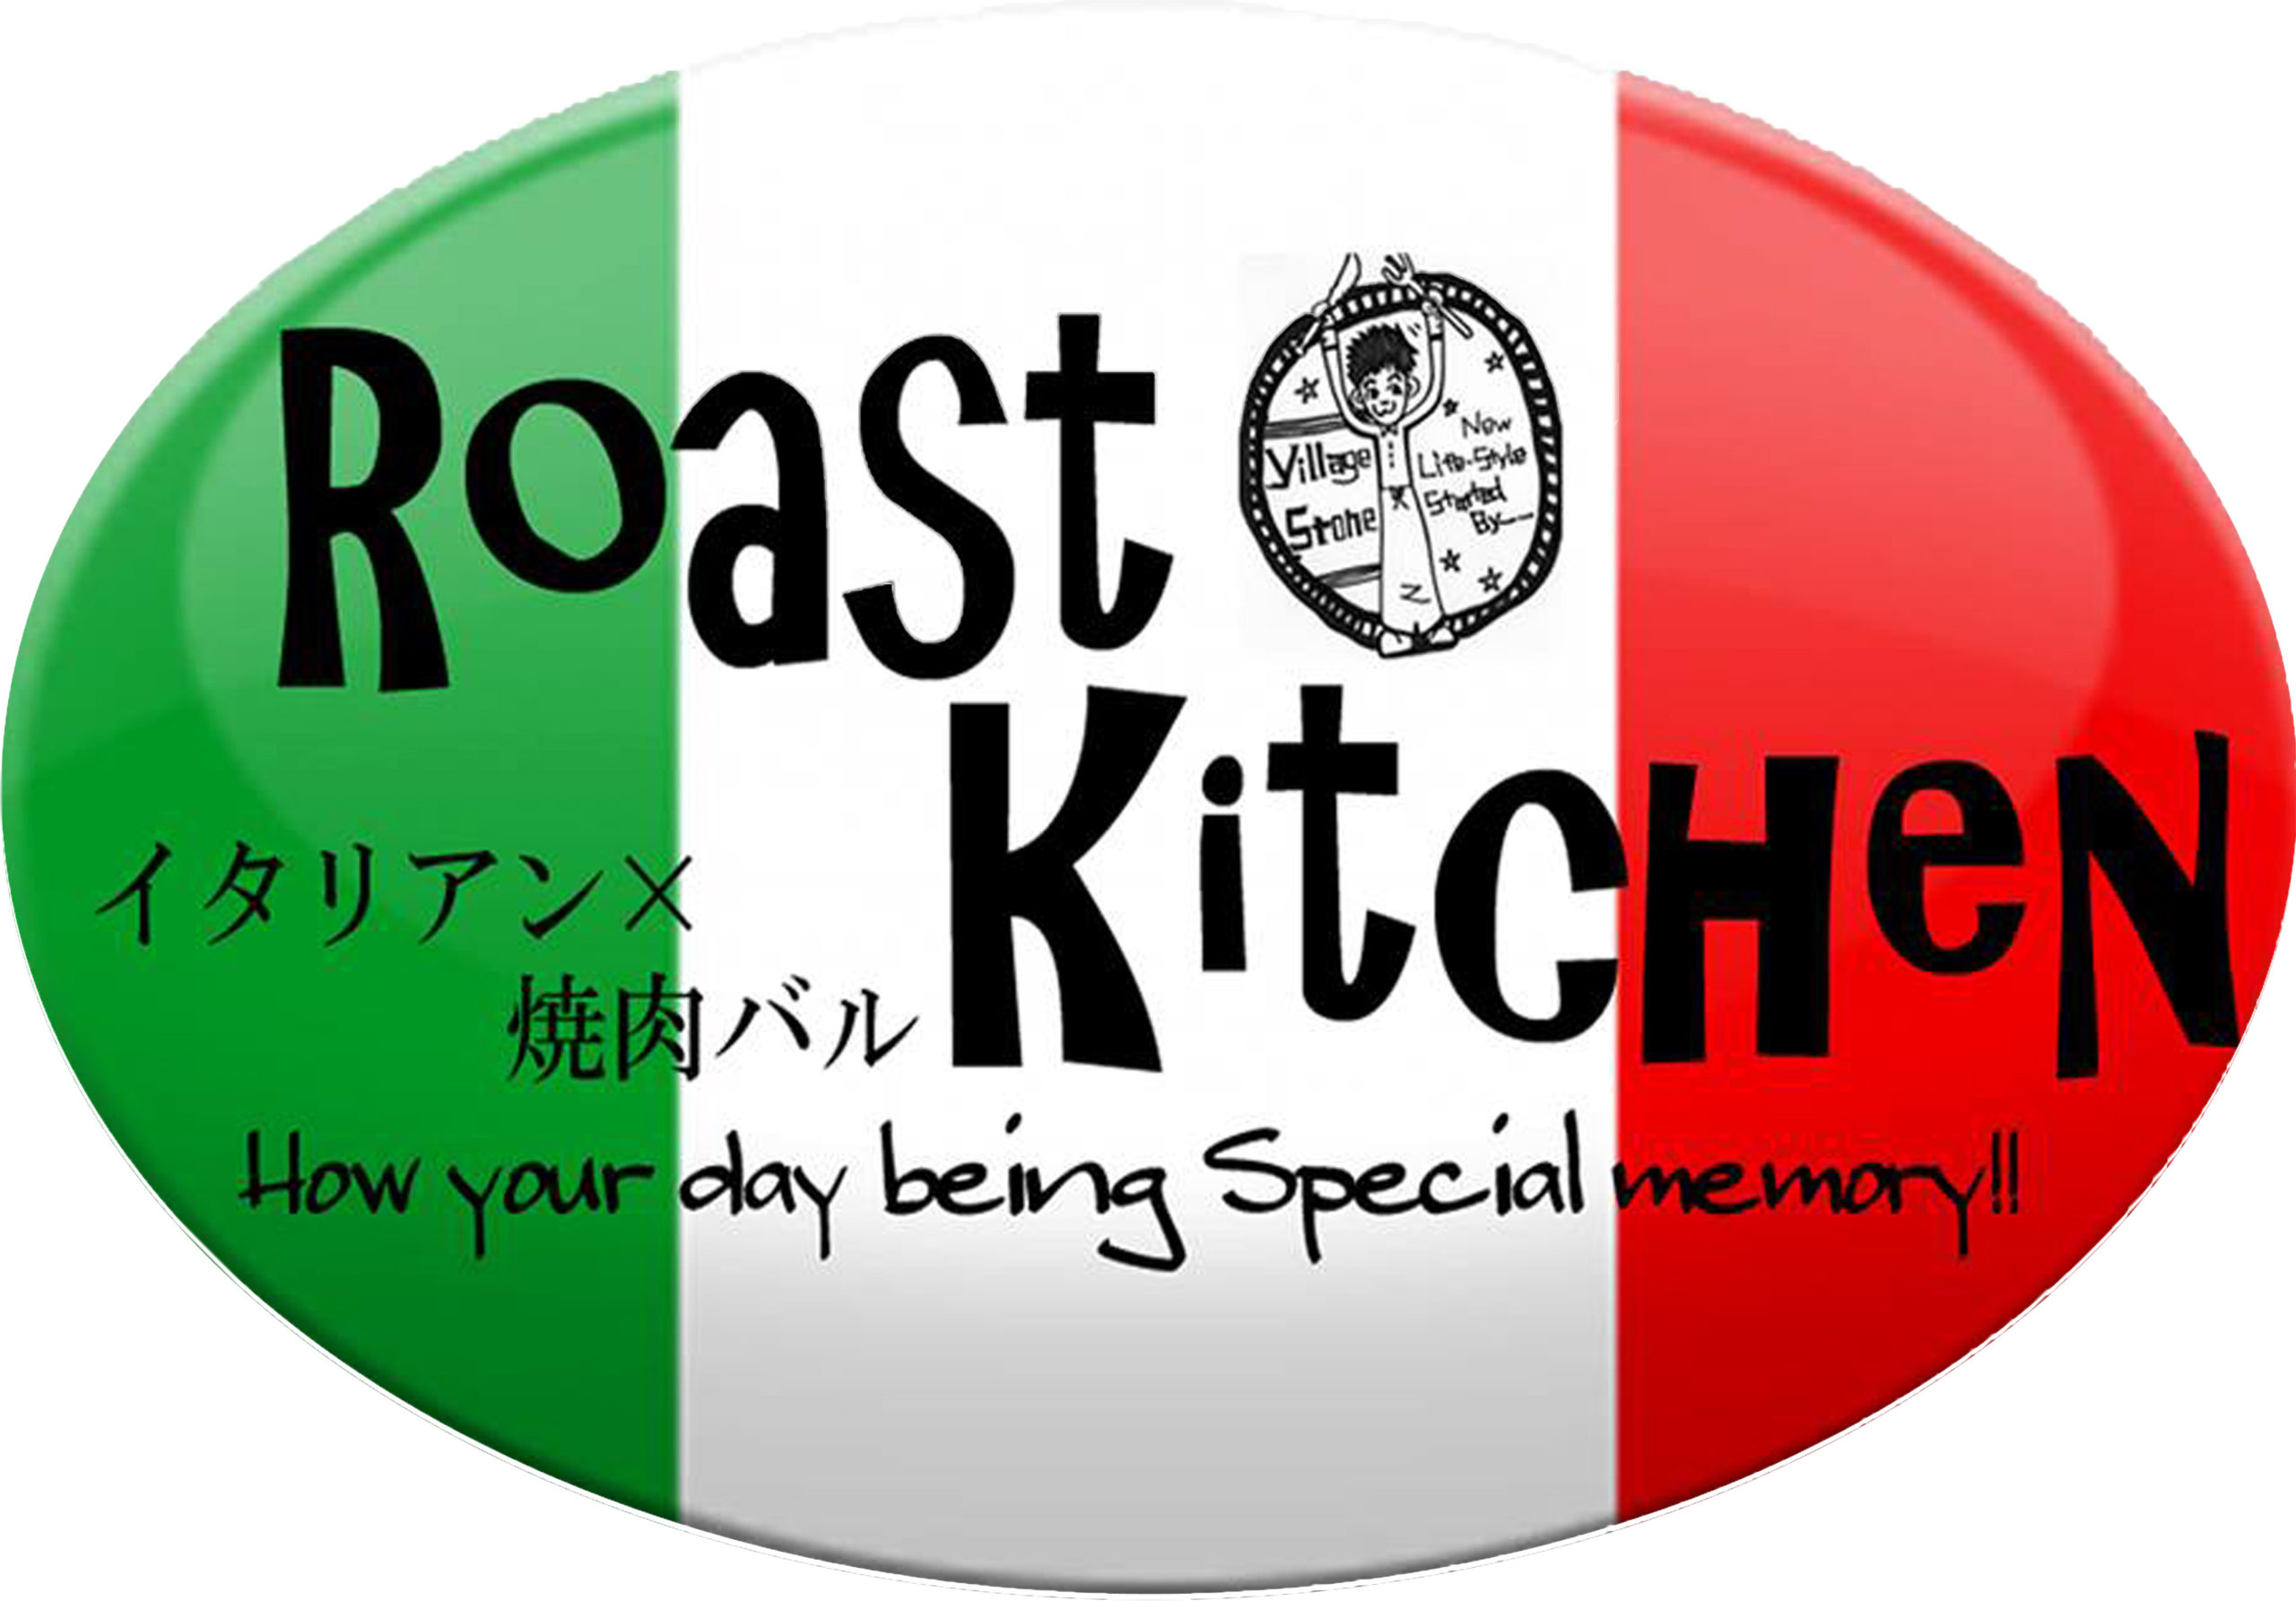 【テイクアウト&デリバリー】炭火焼肉×イタリアンローストキッチン